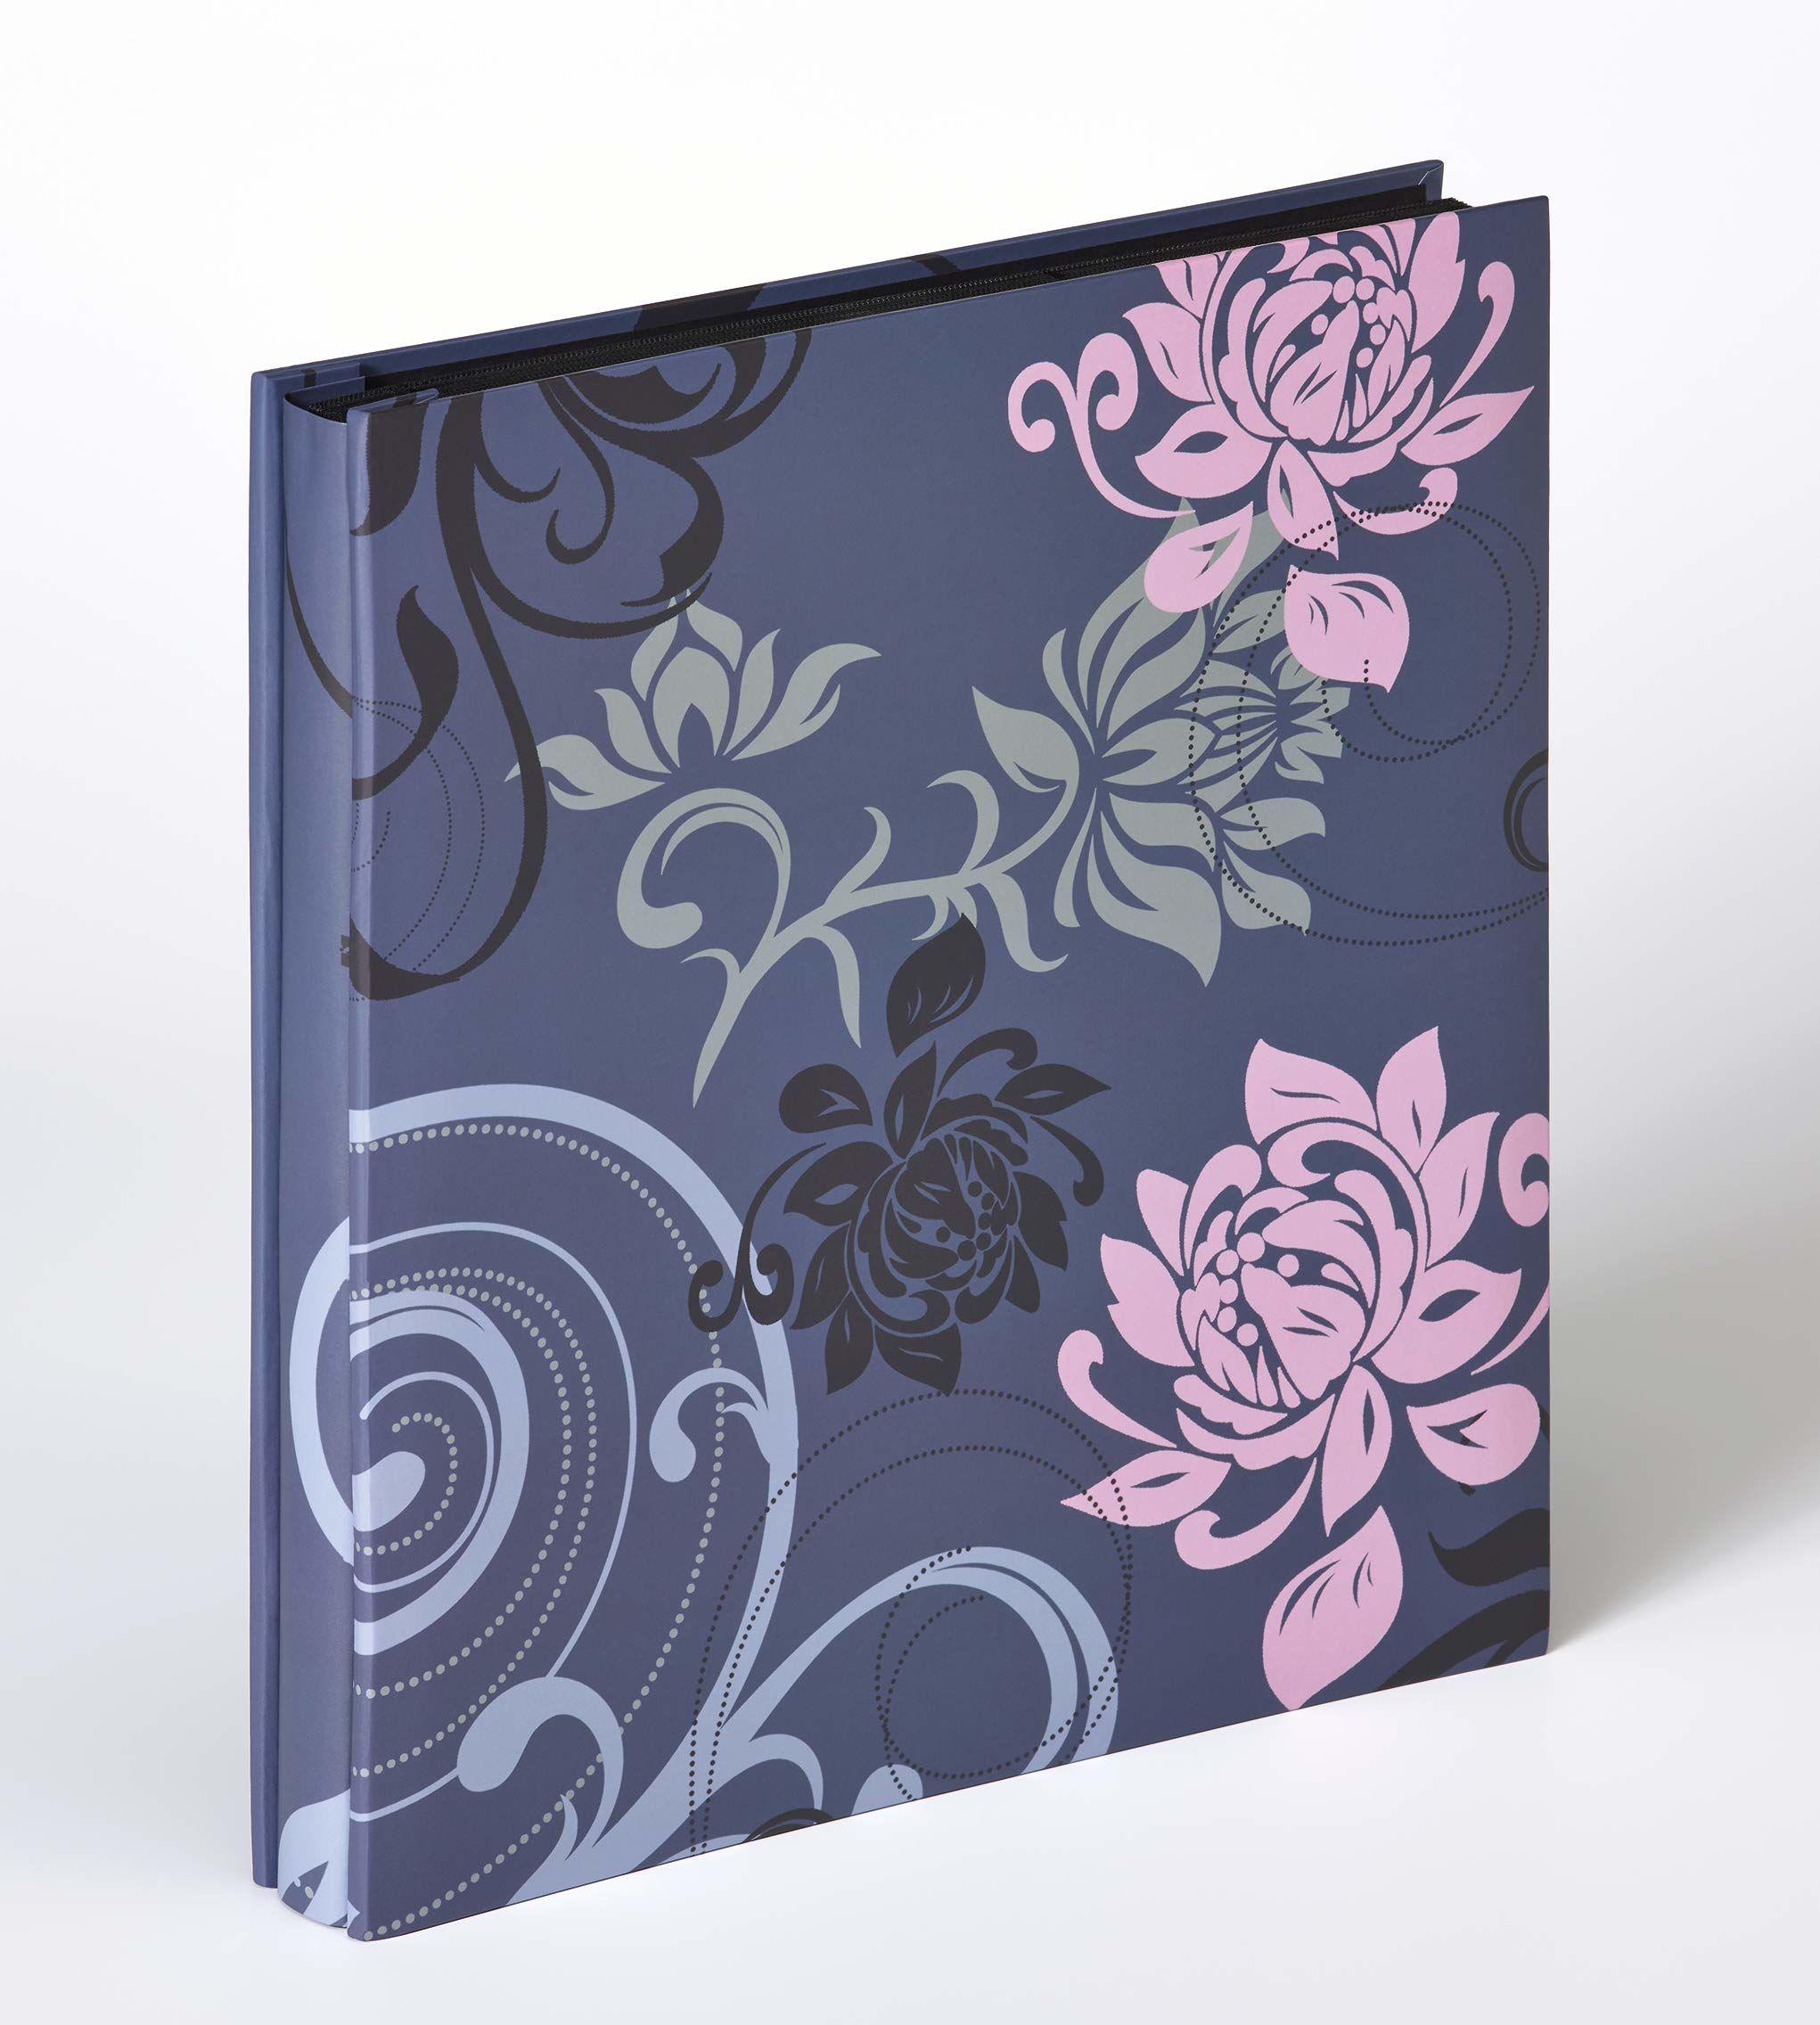 Album wkładany Grindy Trend, niebiesko-szary, 400 zdjęć 10x15 cm